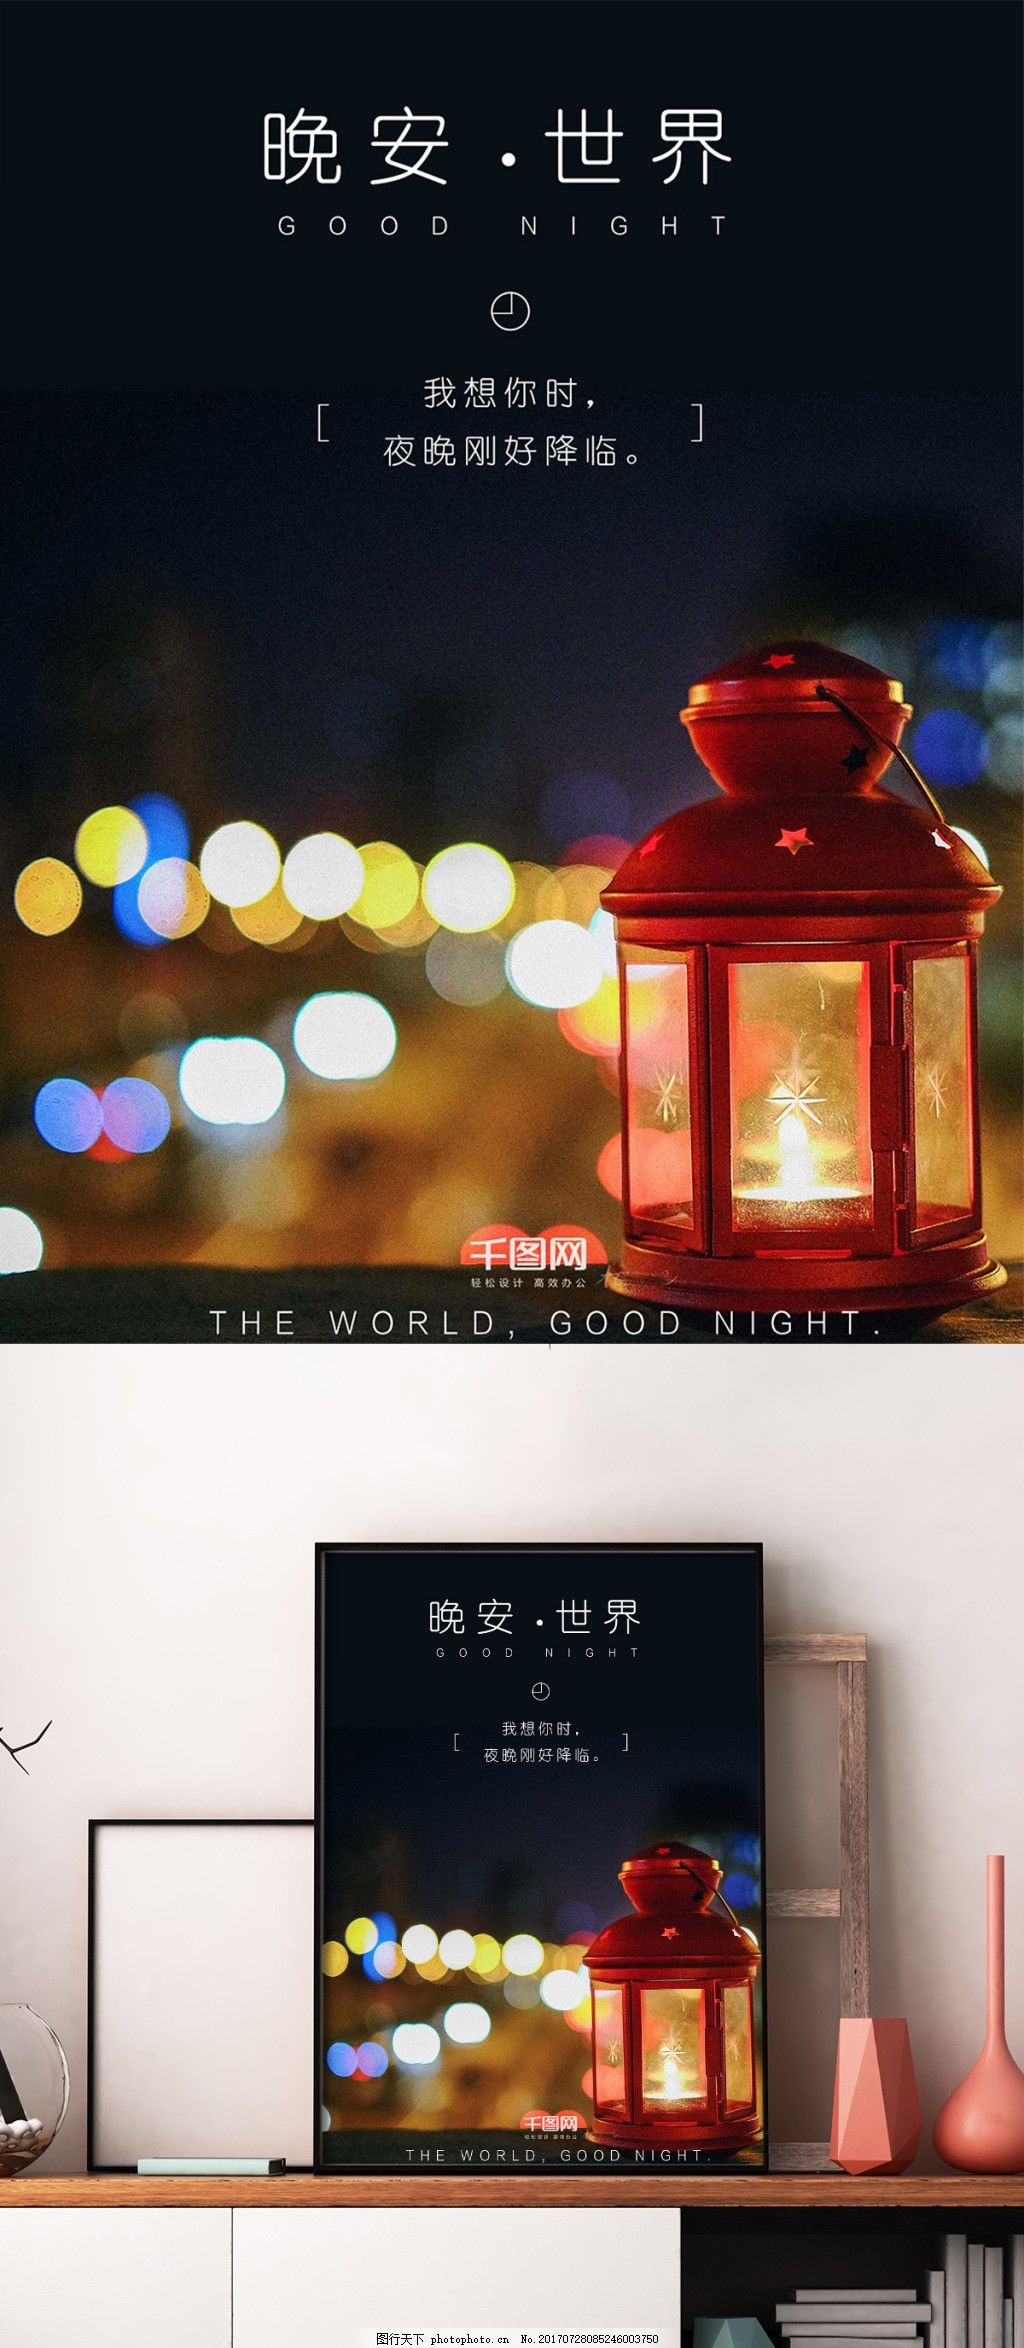 晚安灯光文艺海报设计微信配图 森系晚安海报 森系海报 卡通海报